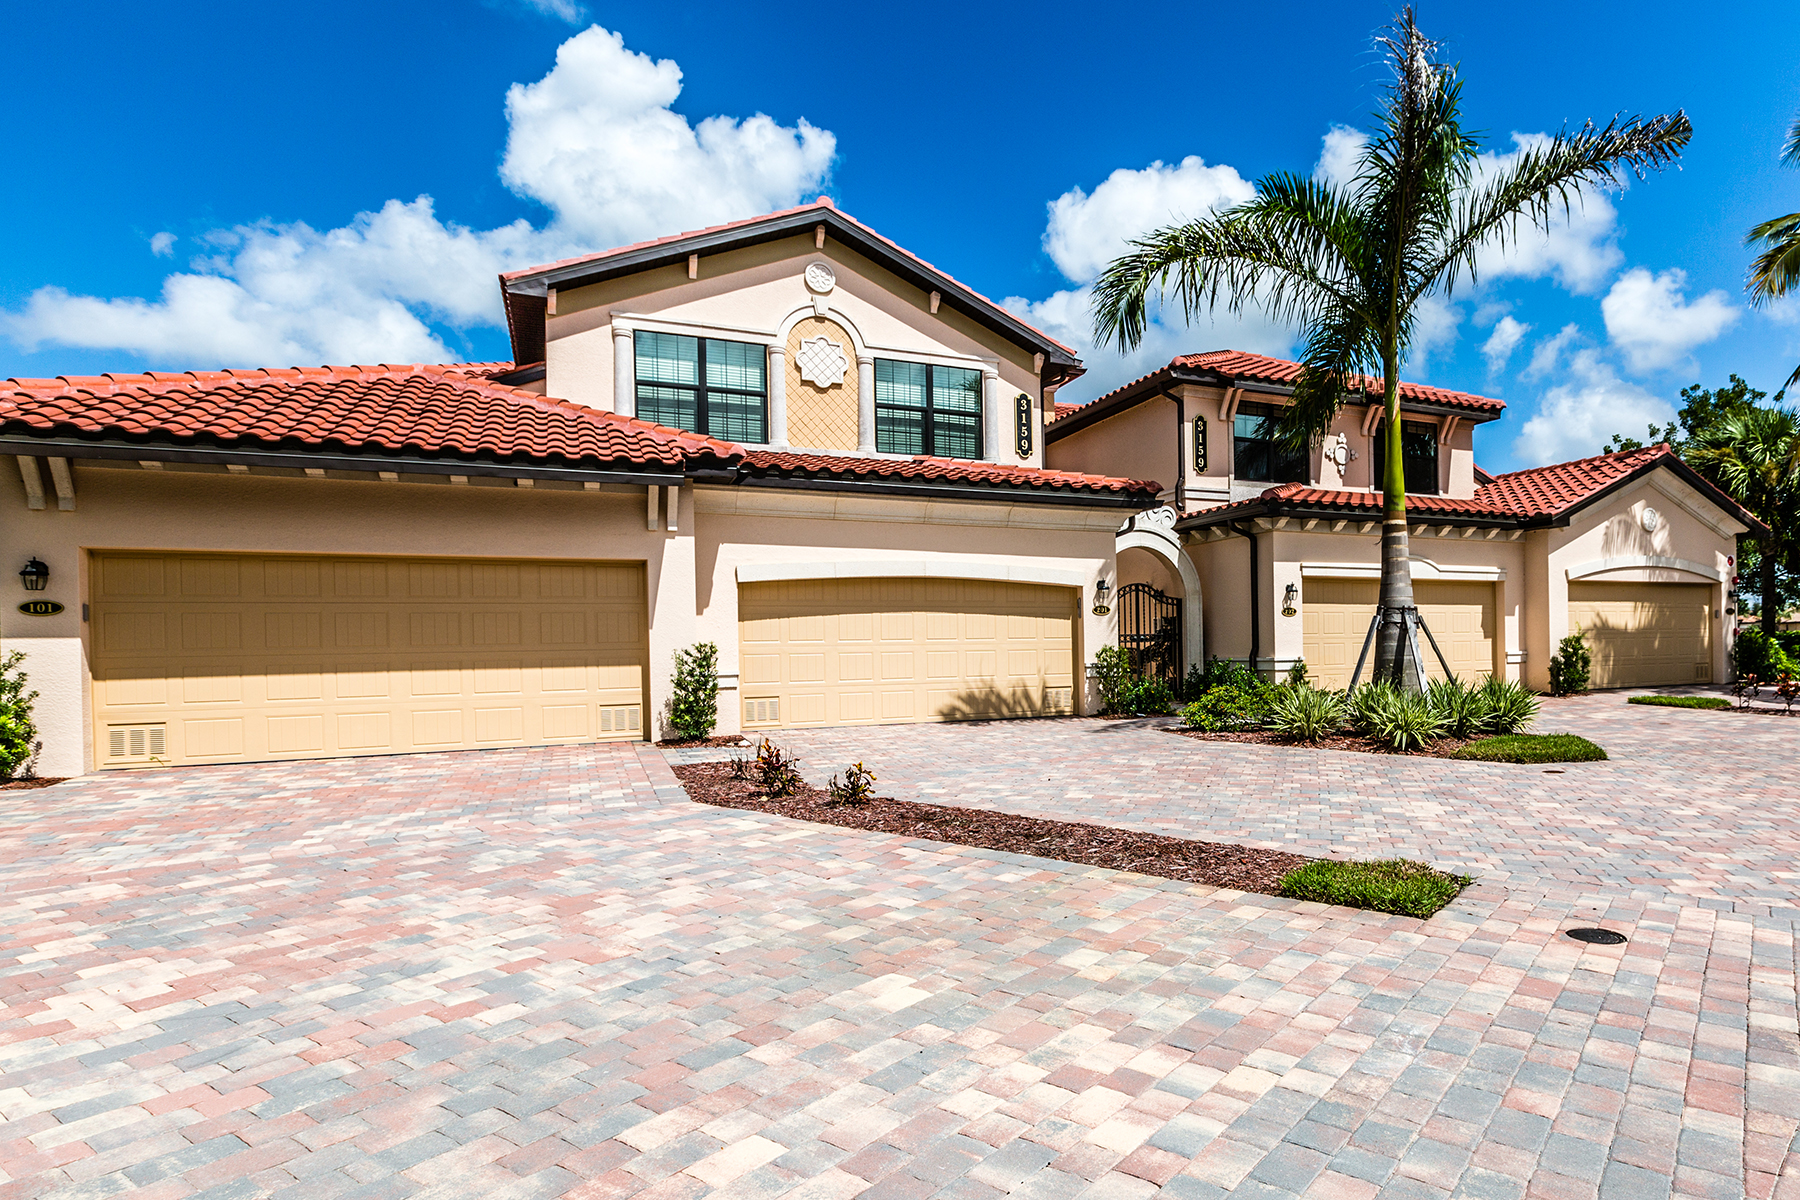 Кондоминиум для того Продажа на Fiddlers Creek 3159 Serena Ln 202 Naples, Флорида, 34114 Соединенные Штаты